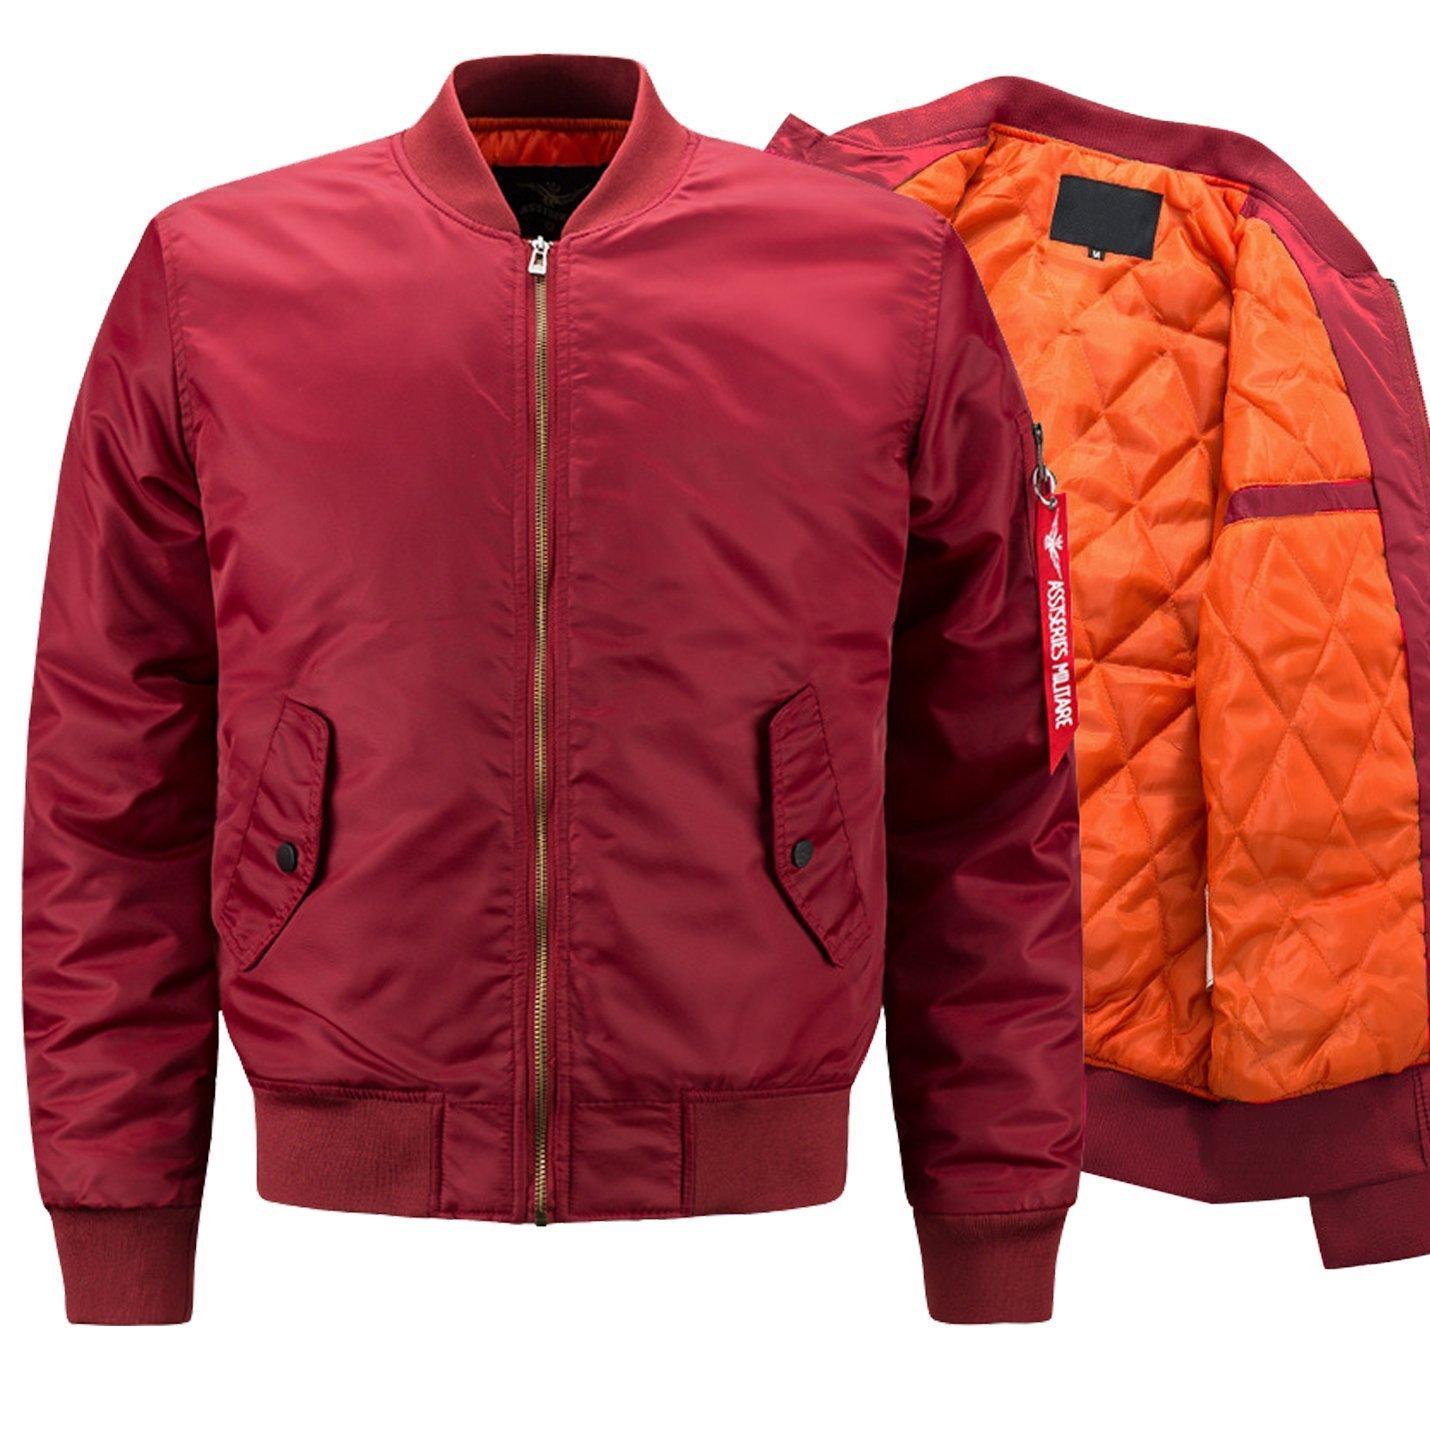 Yeokou Men's Casual Stand Collar Short Zipper Flight Pilot Aviator Bomber Jacket